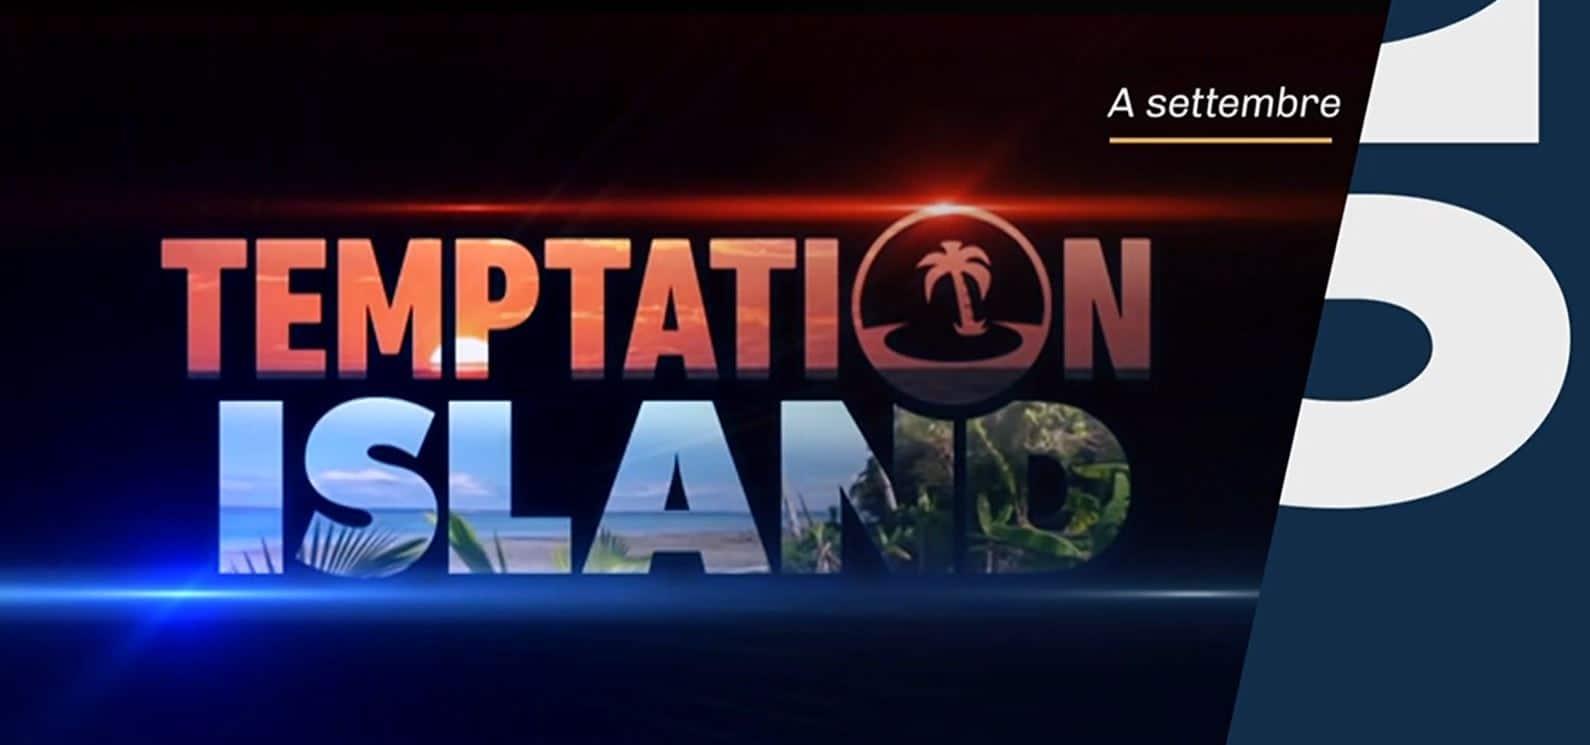 Temptation Island slitta a Settembre: promo riciclato, Alessia Marcuzzi è ancora in montagna